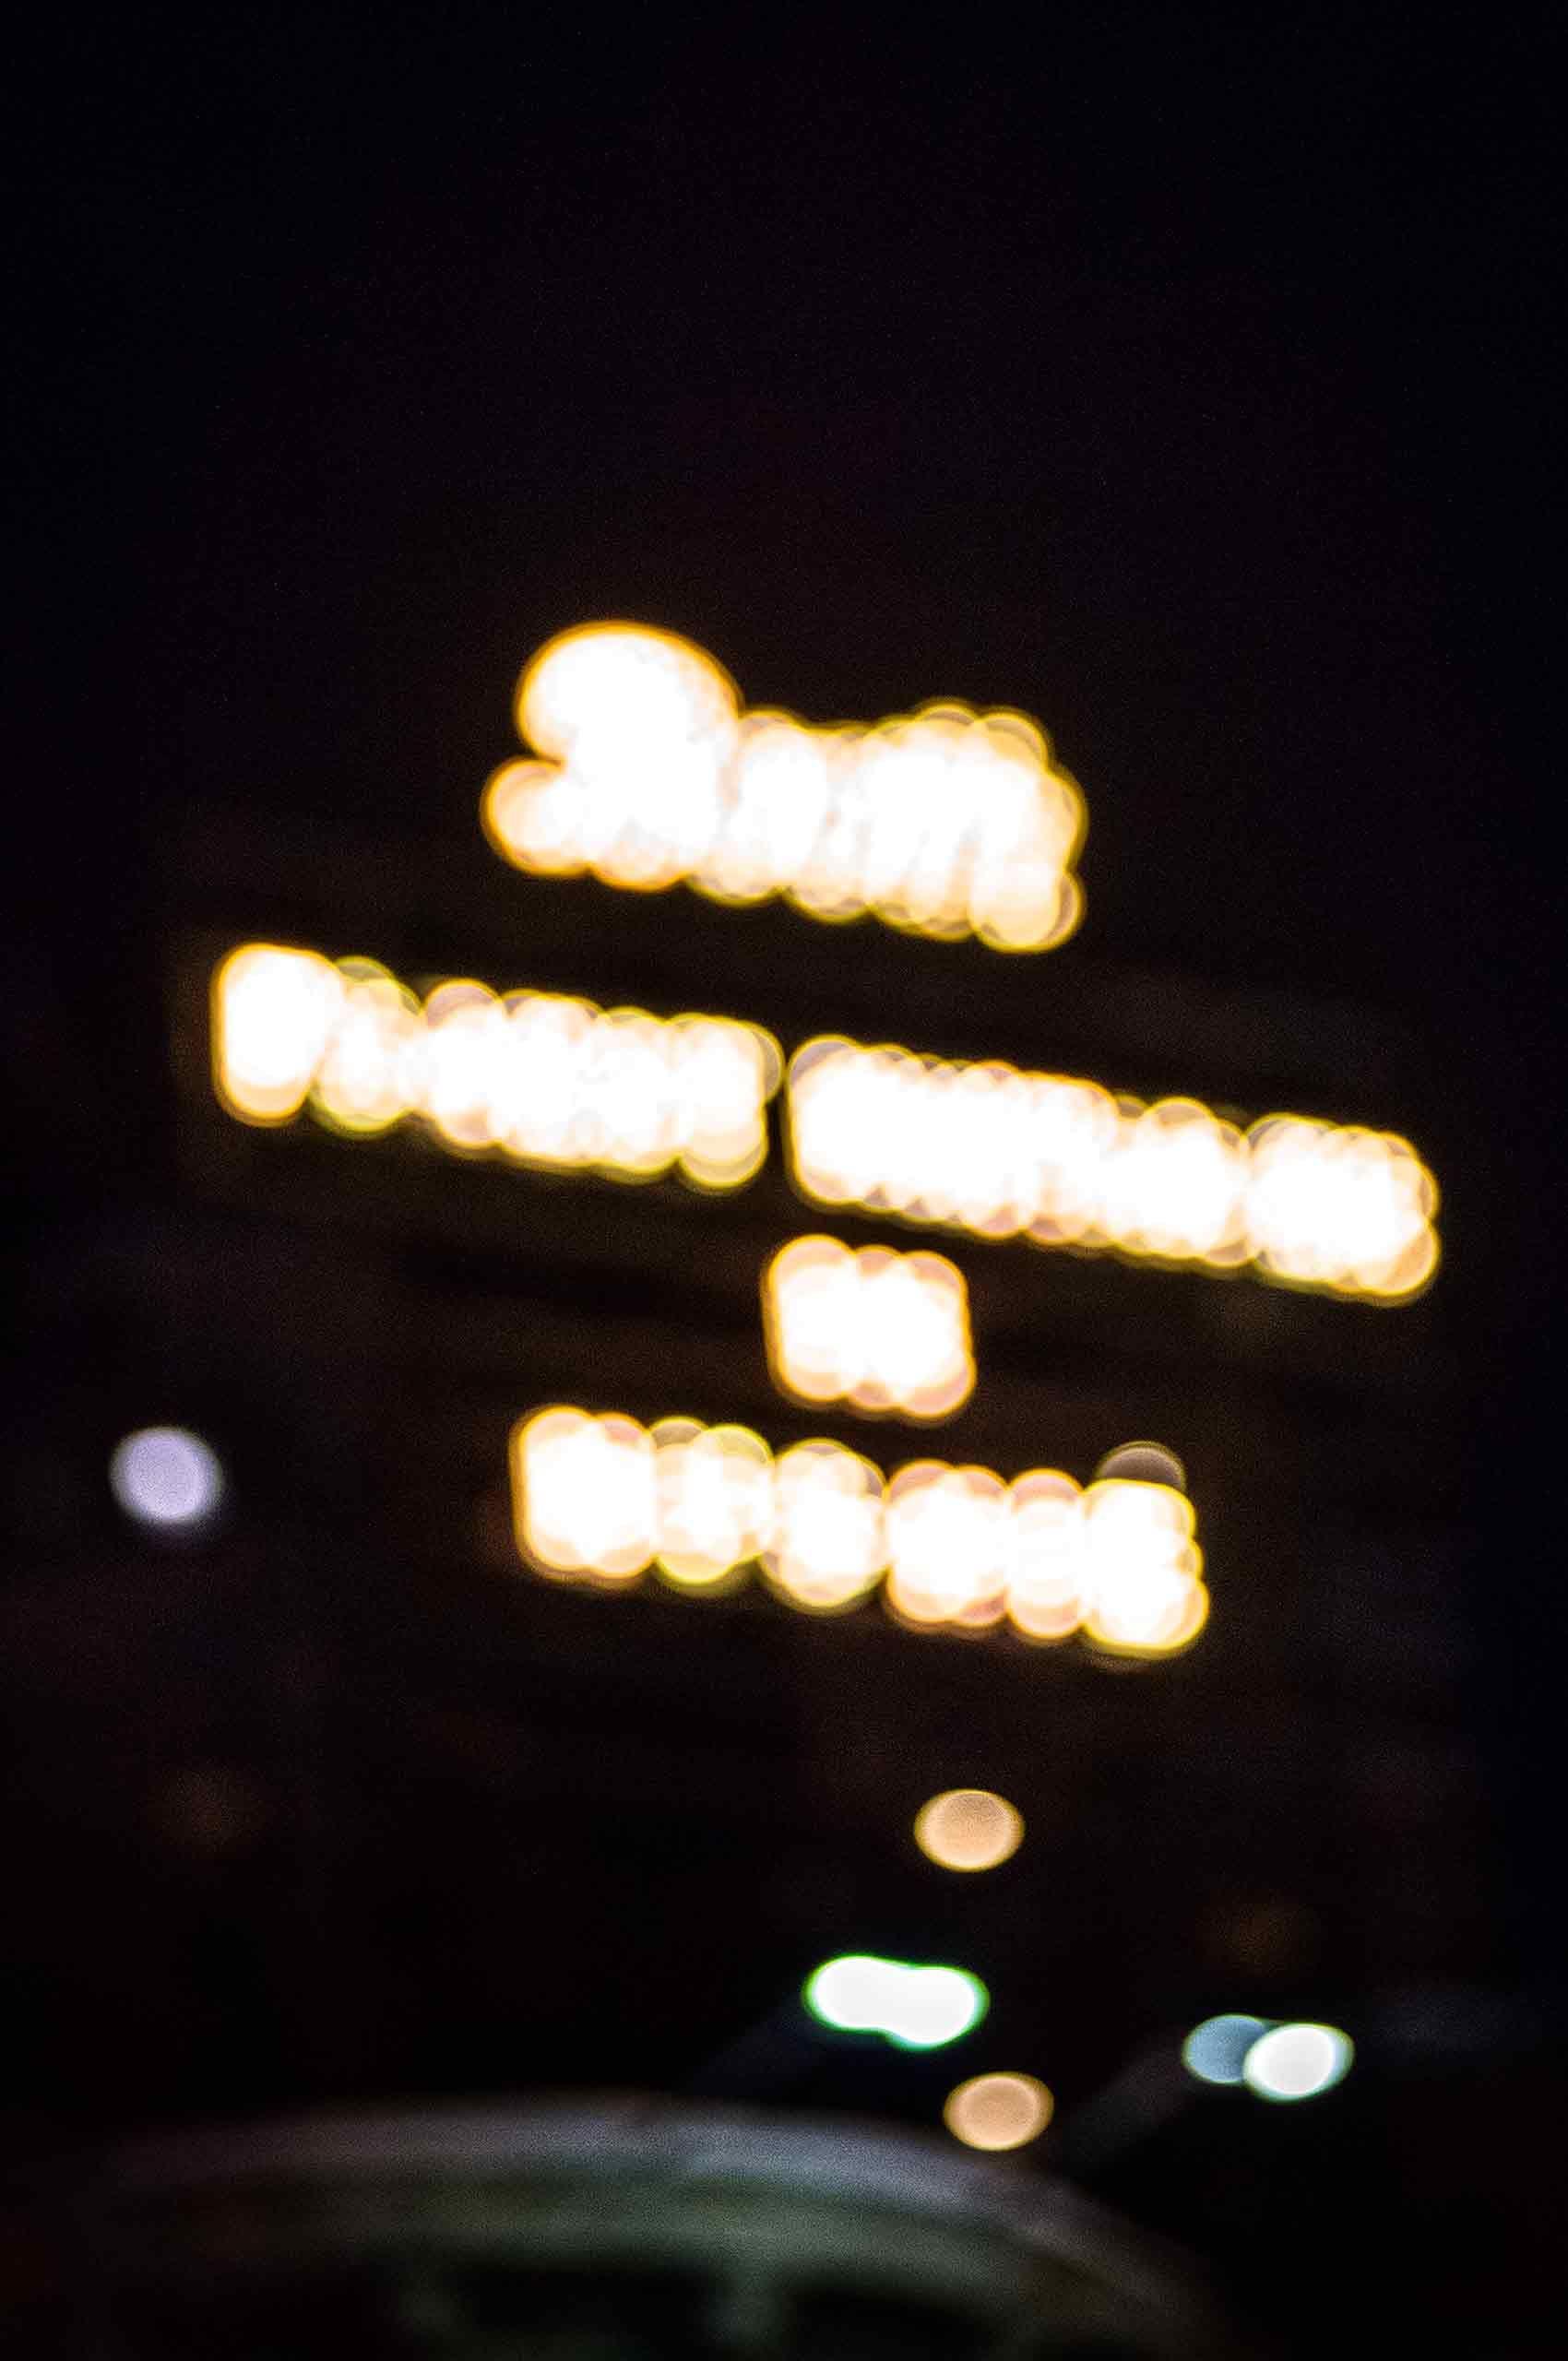 Blurry Neon, NY